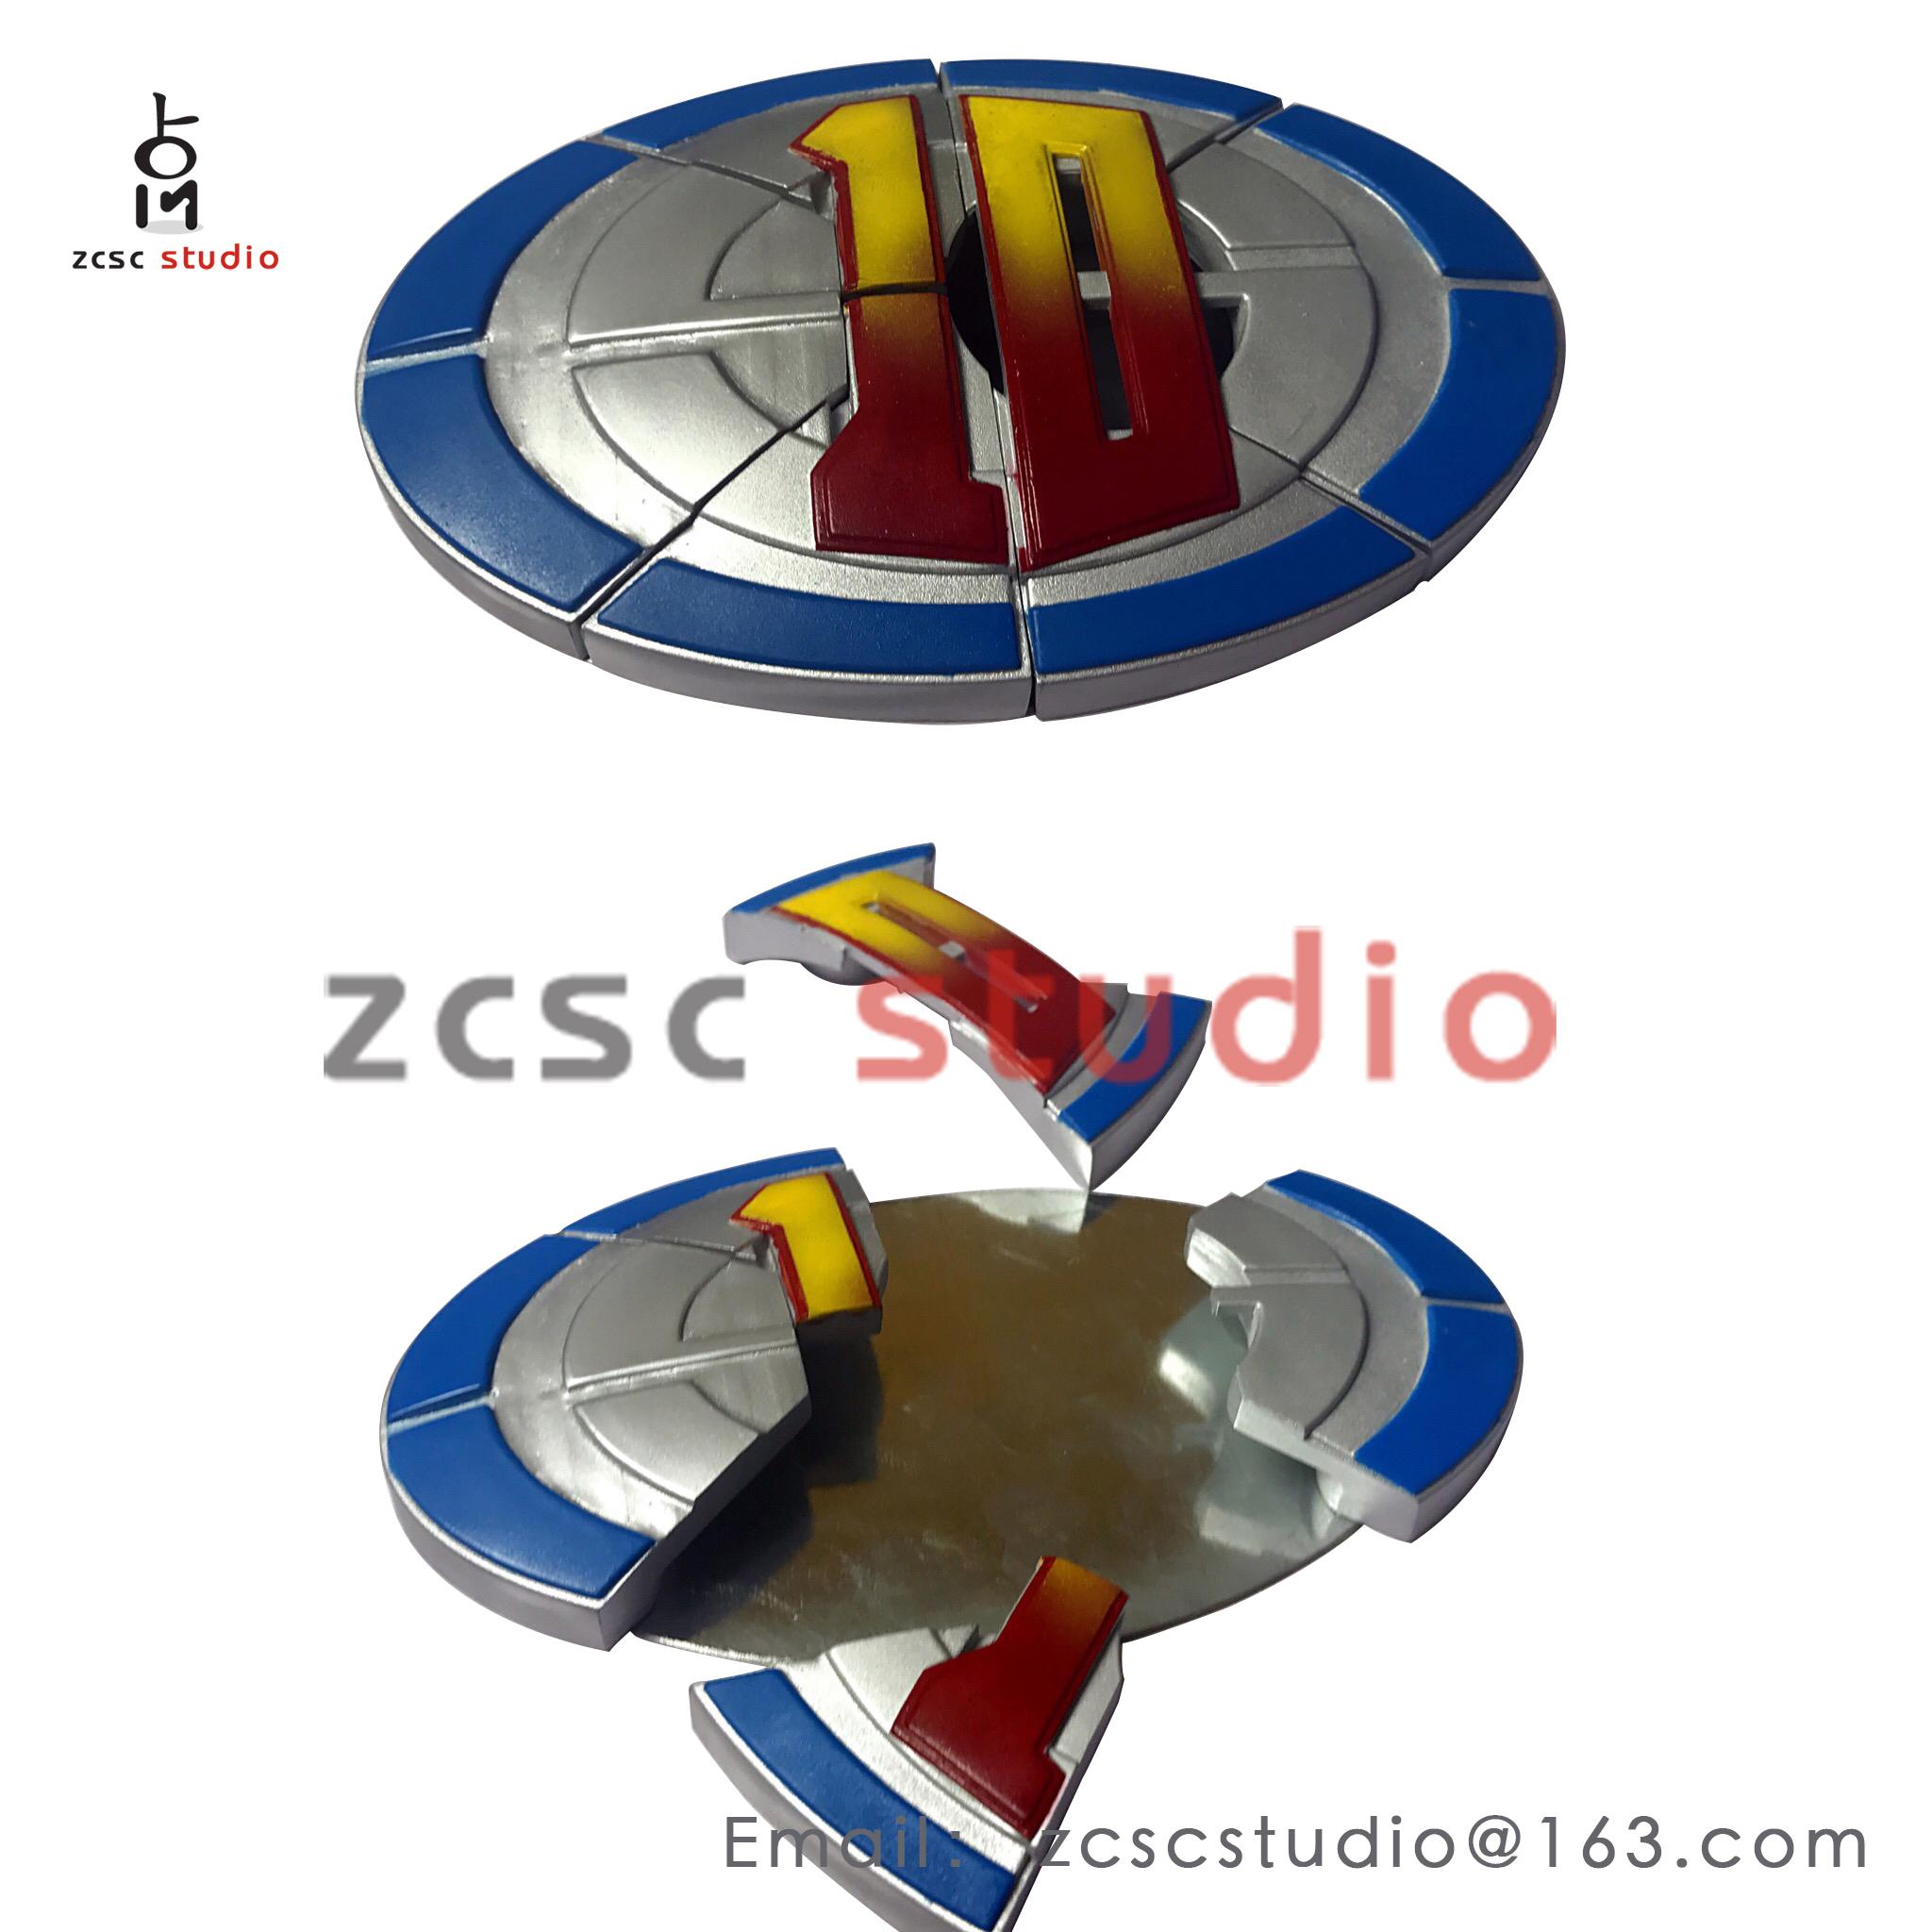 ... ZCSC STUDIO LAZY TOWN SPORTACUS COSPLAY COSTUME - Thumbnail 3  sc 1 st  ZCSC STUDIO - Storenvy & ZCSC STUDIO LAZY TOWN SPORTACUS COSPLAY COSTUME · ZCSC STUDIO ...